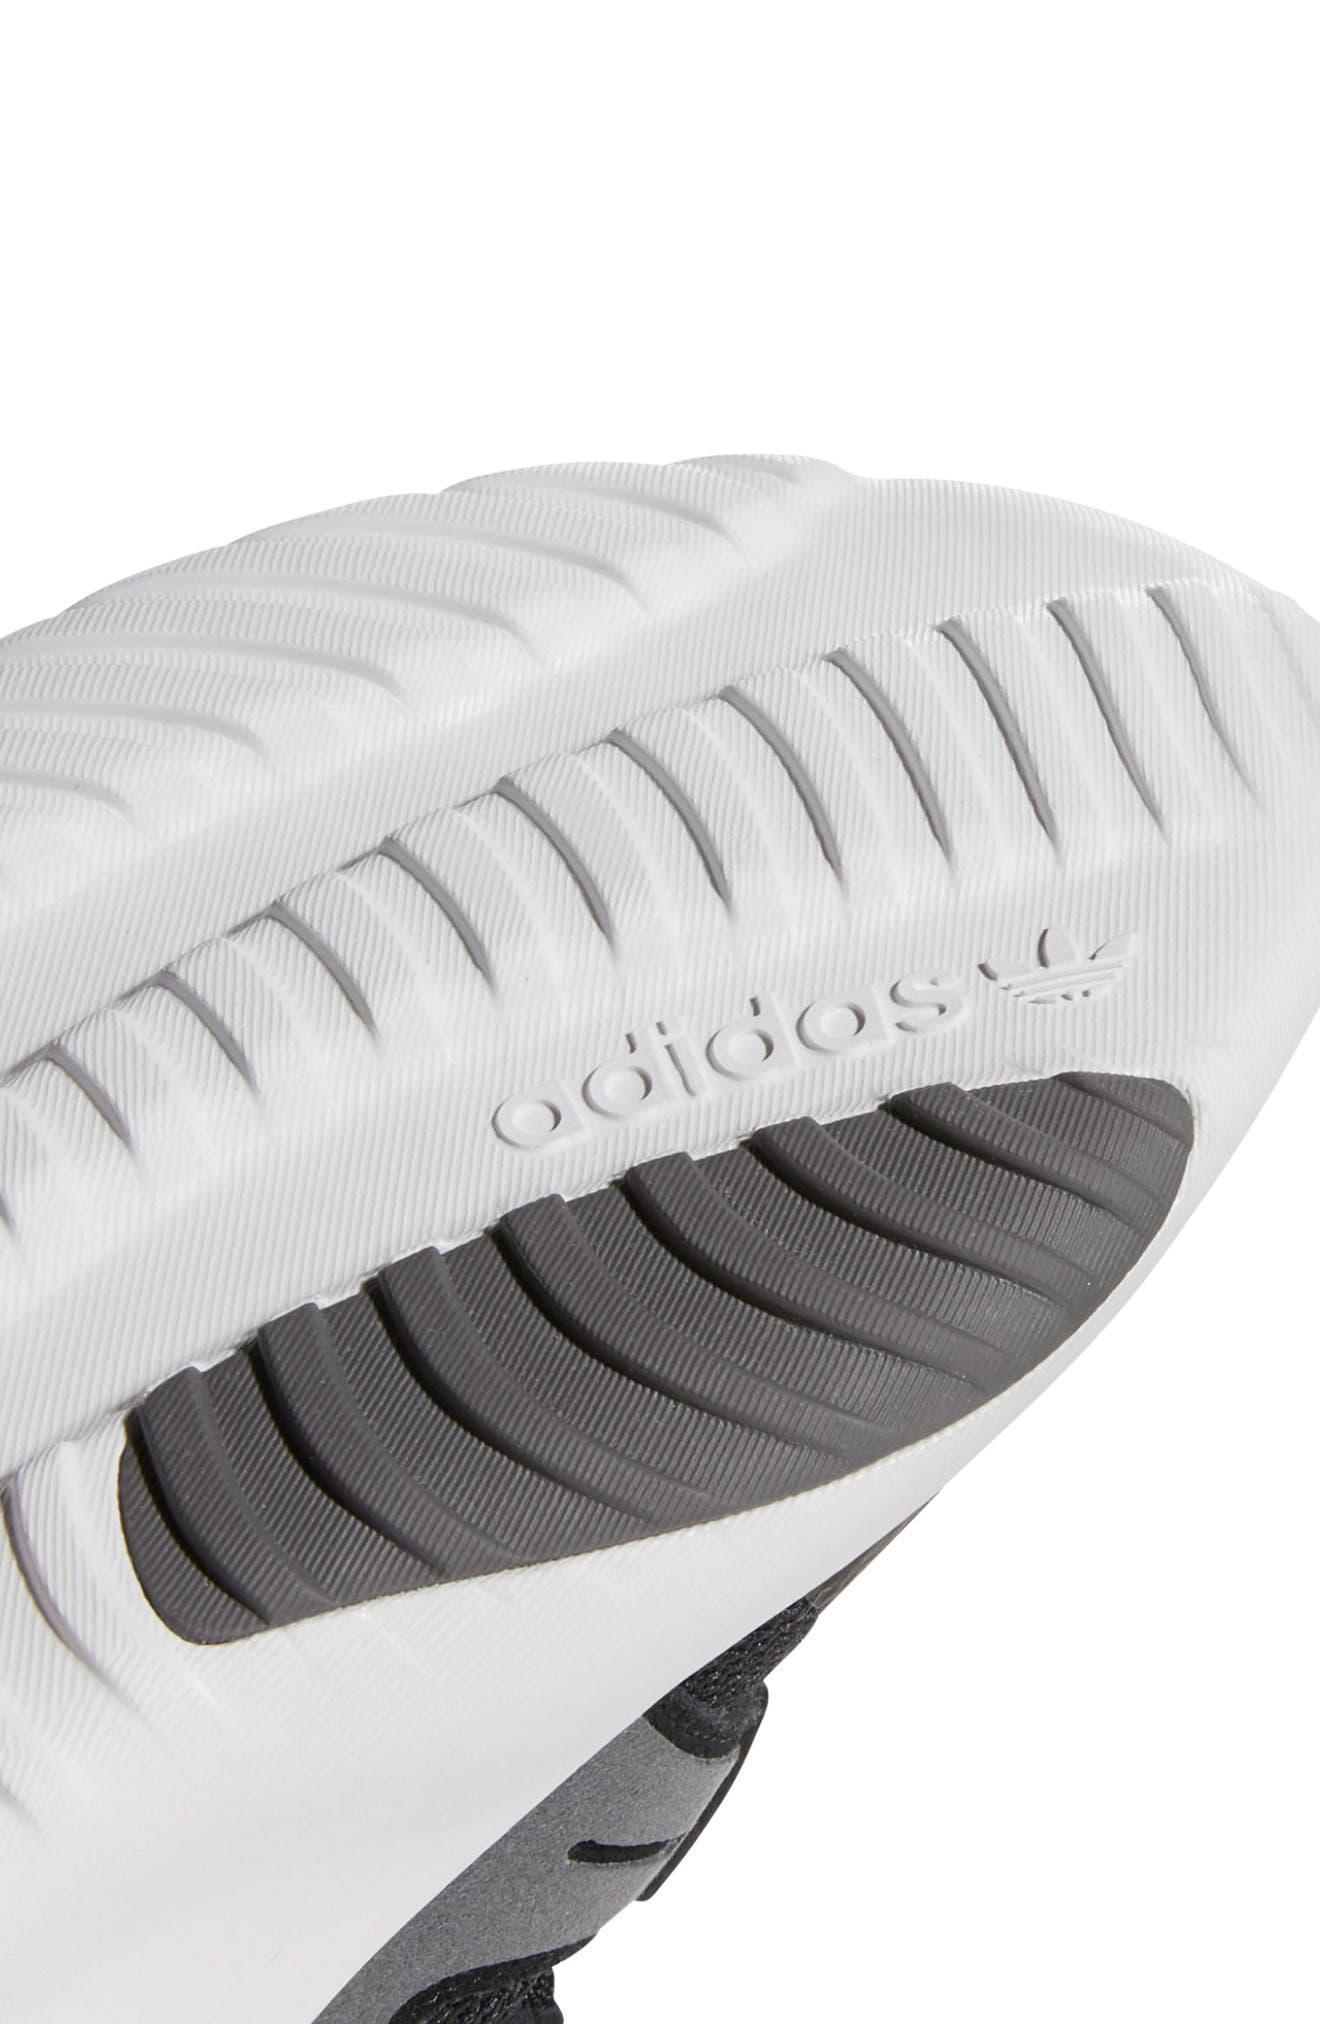 Tubular Dusk Primeknit Sneaker,                             Alternate thumbnail 9, color,                             WHITE/ BLACK/ GREY